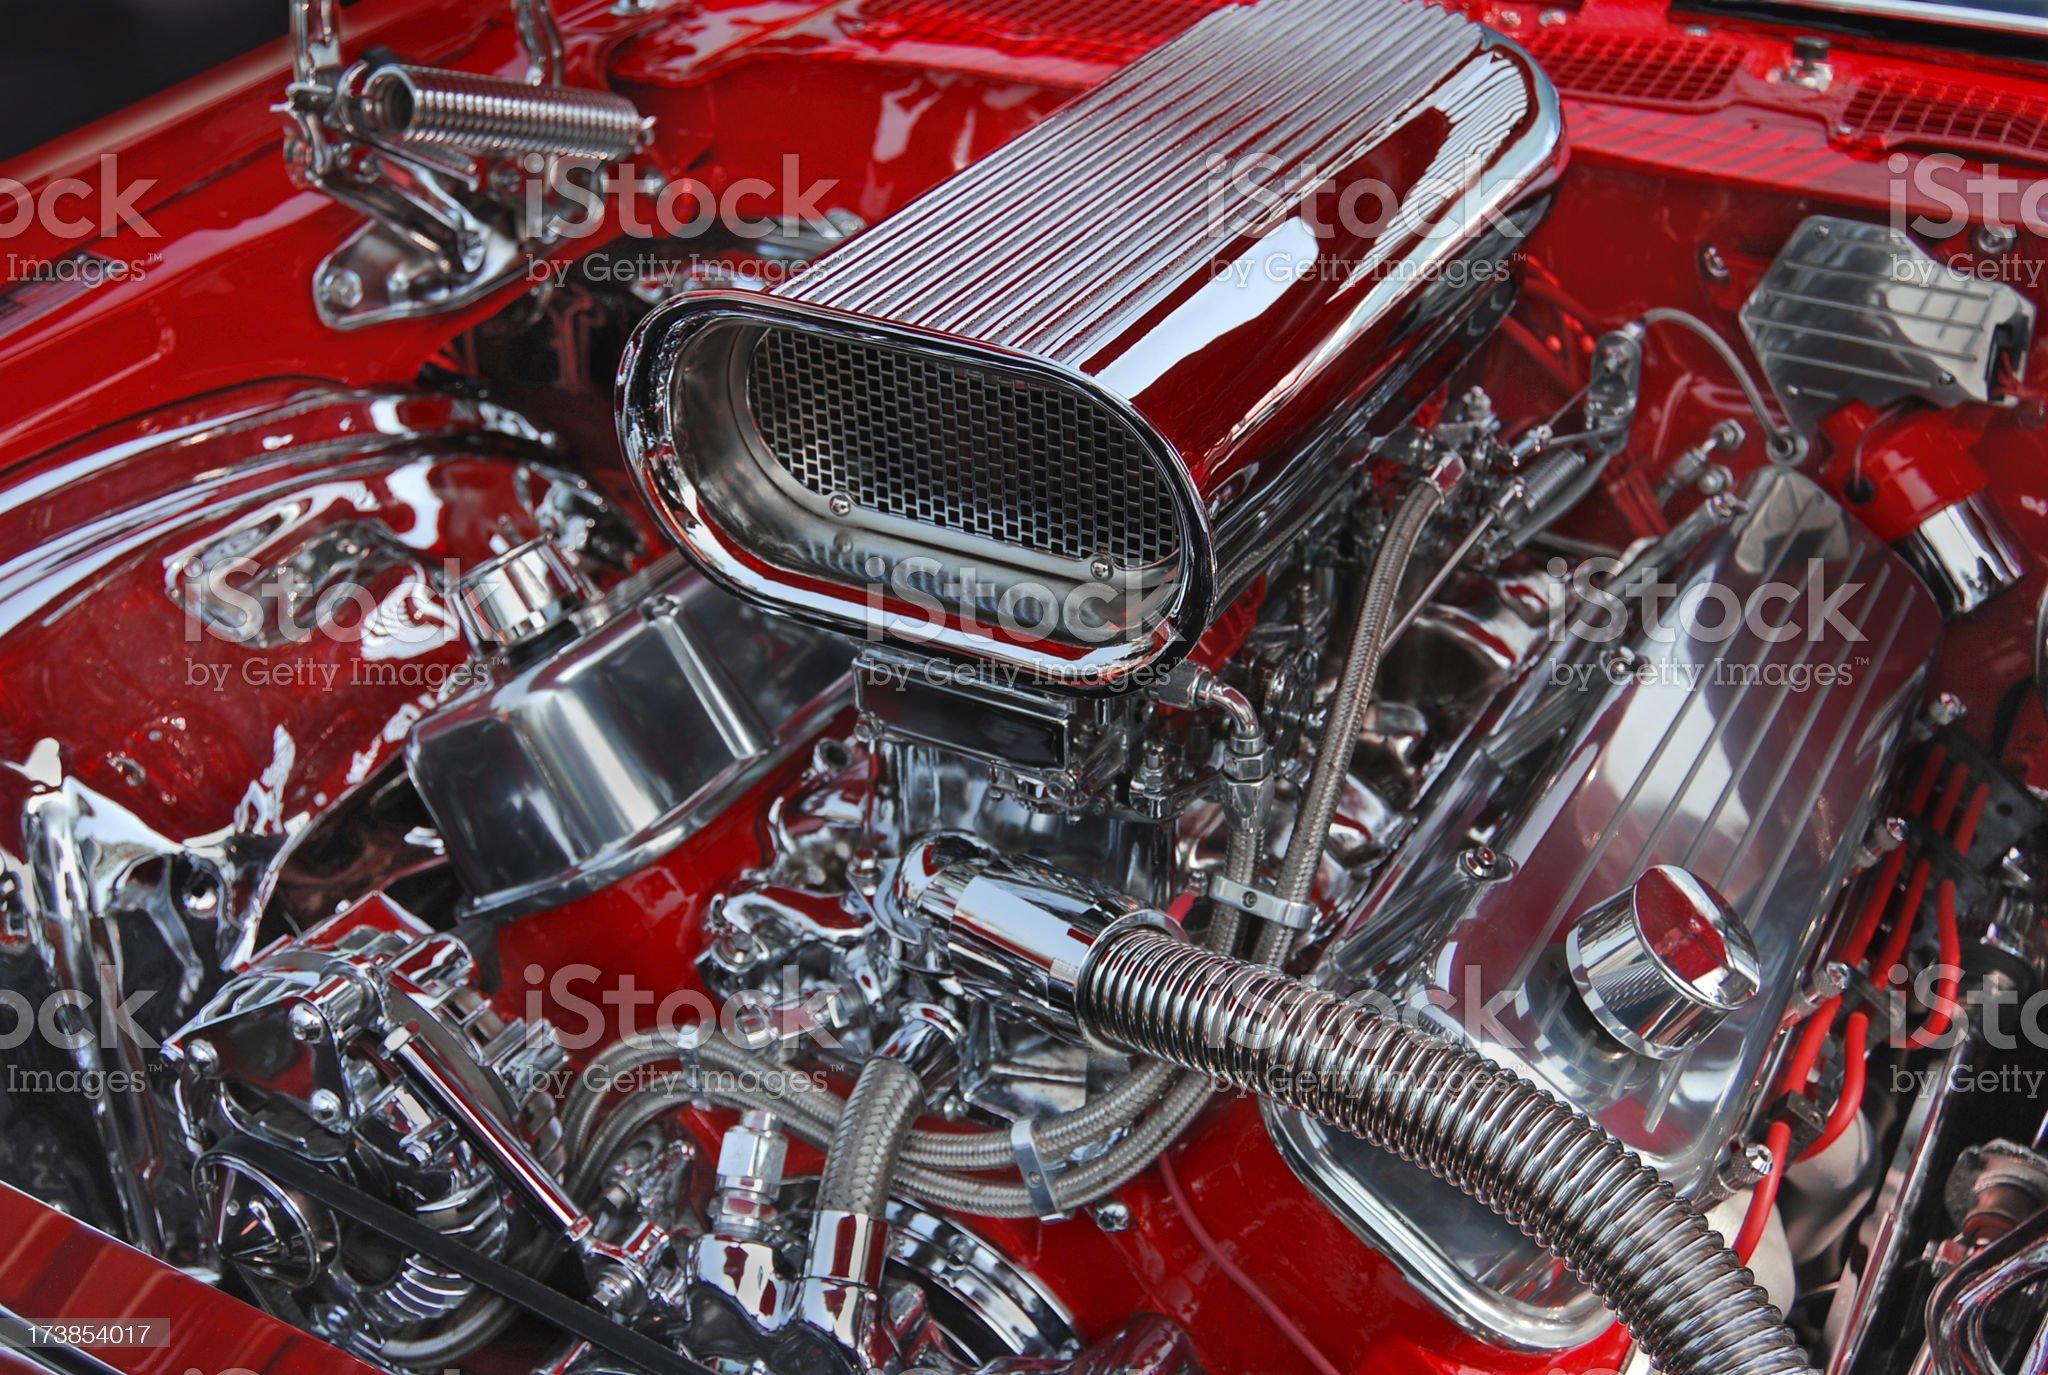 Chromed V8 Motor royalty-free stock photo